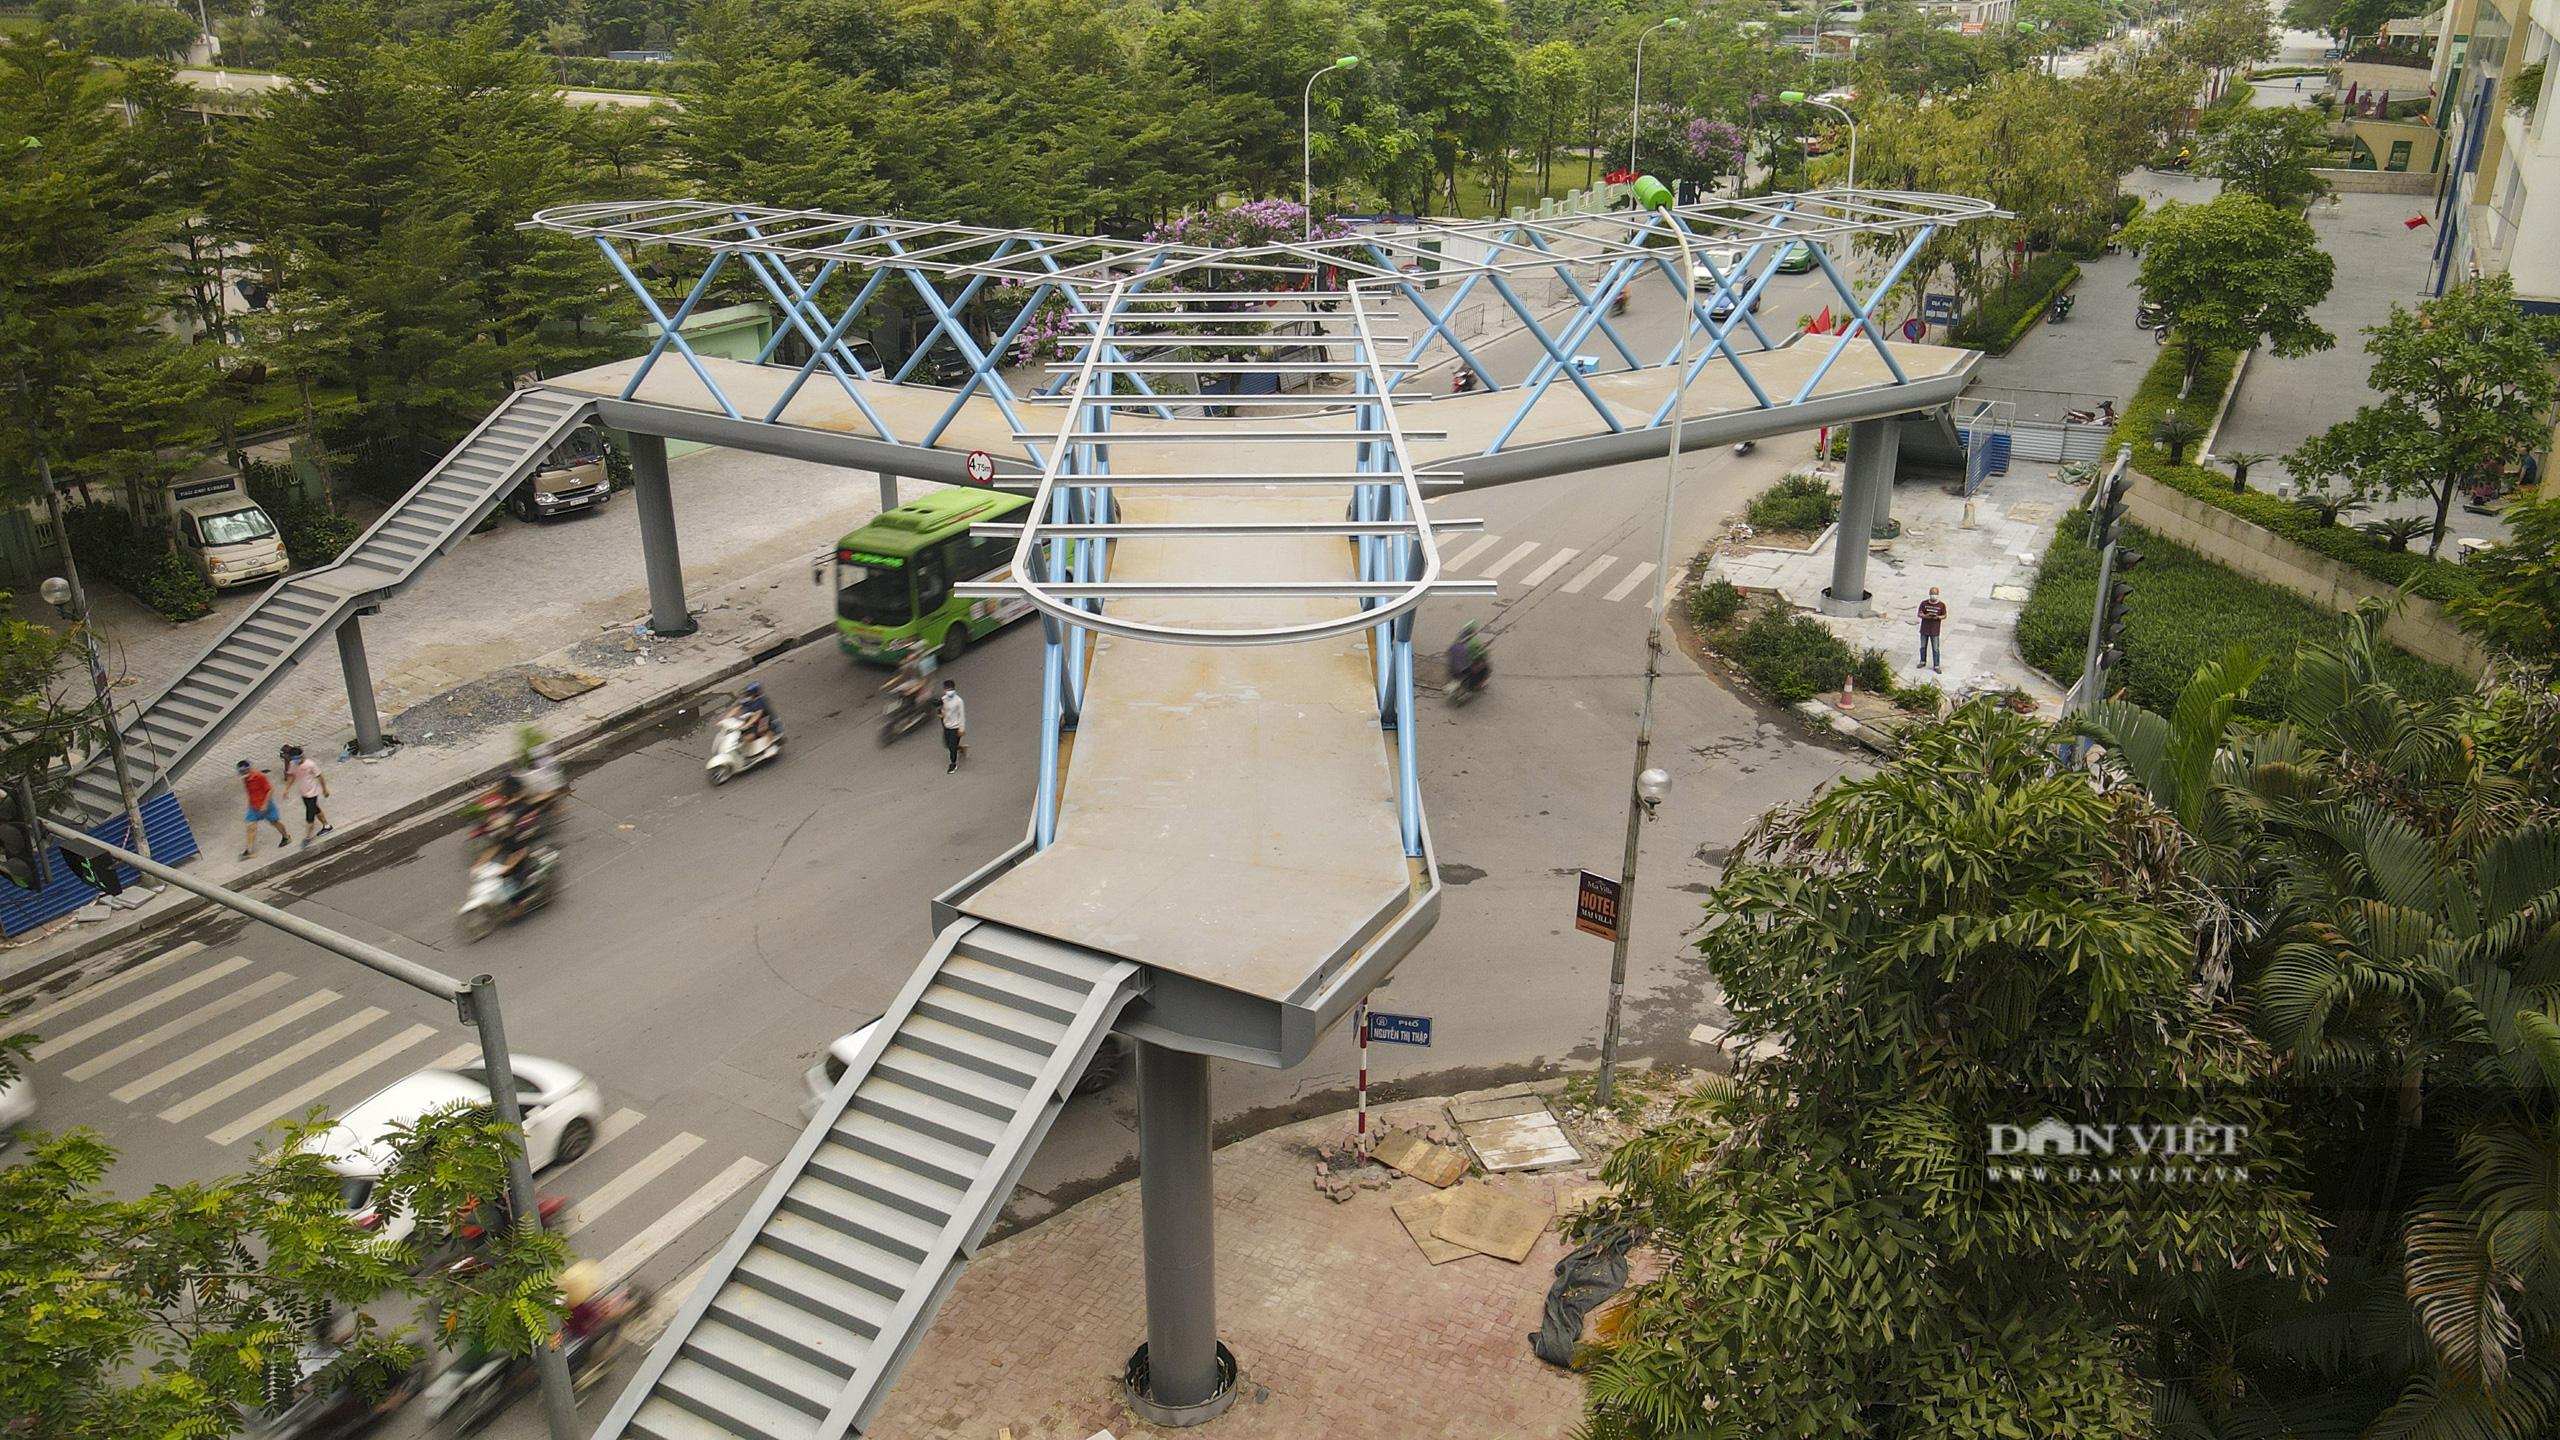 Ngắm cầu vượt bộ hành hình chữ Y đẹp nhất Hà Nội - Ảnh 5.